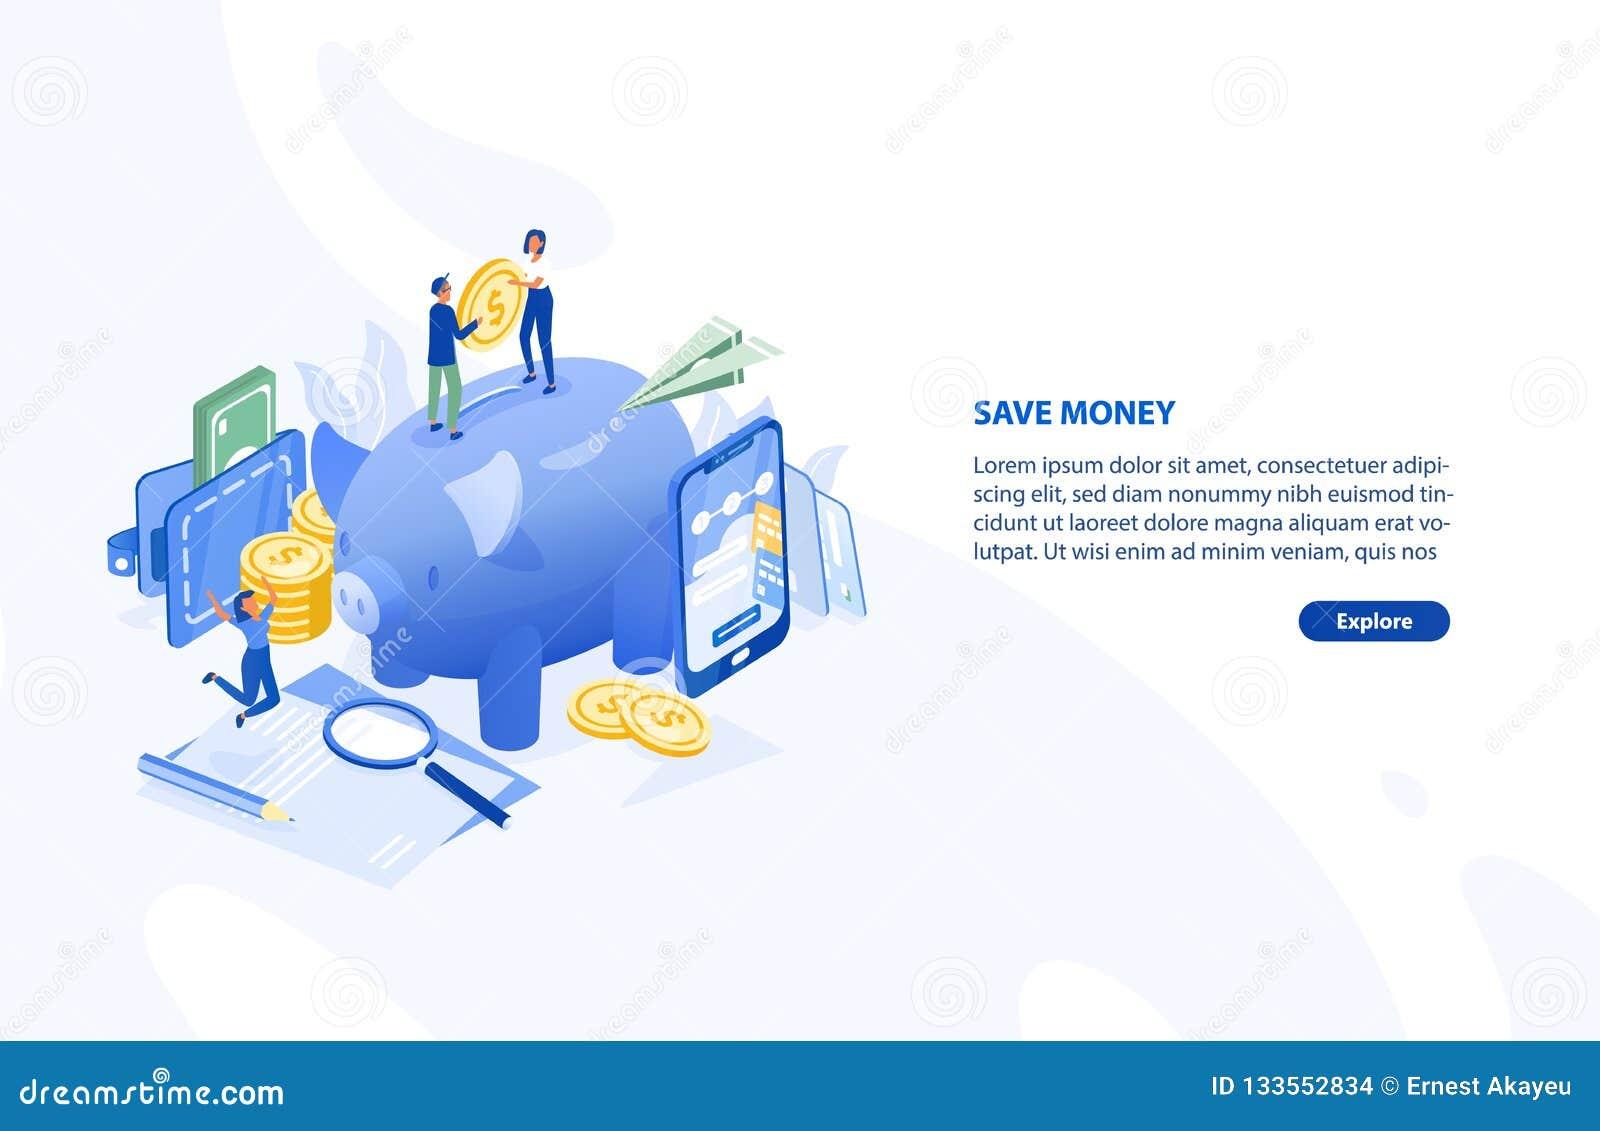 Ιστοσελίδας ή πρότυπο εμβλημάτων με το ζευγάρι των ανθρώπων που στέκονται στη γιγαντιαία piggy τράπεζα και που κρατούν το νόμισμα